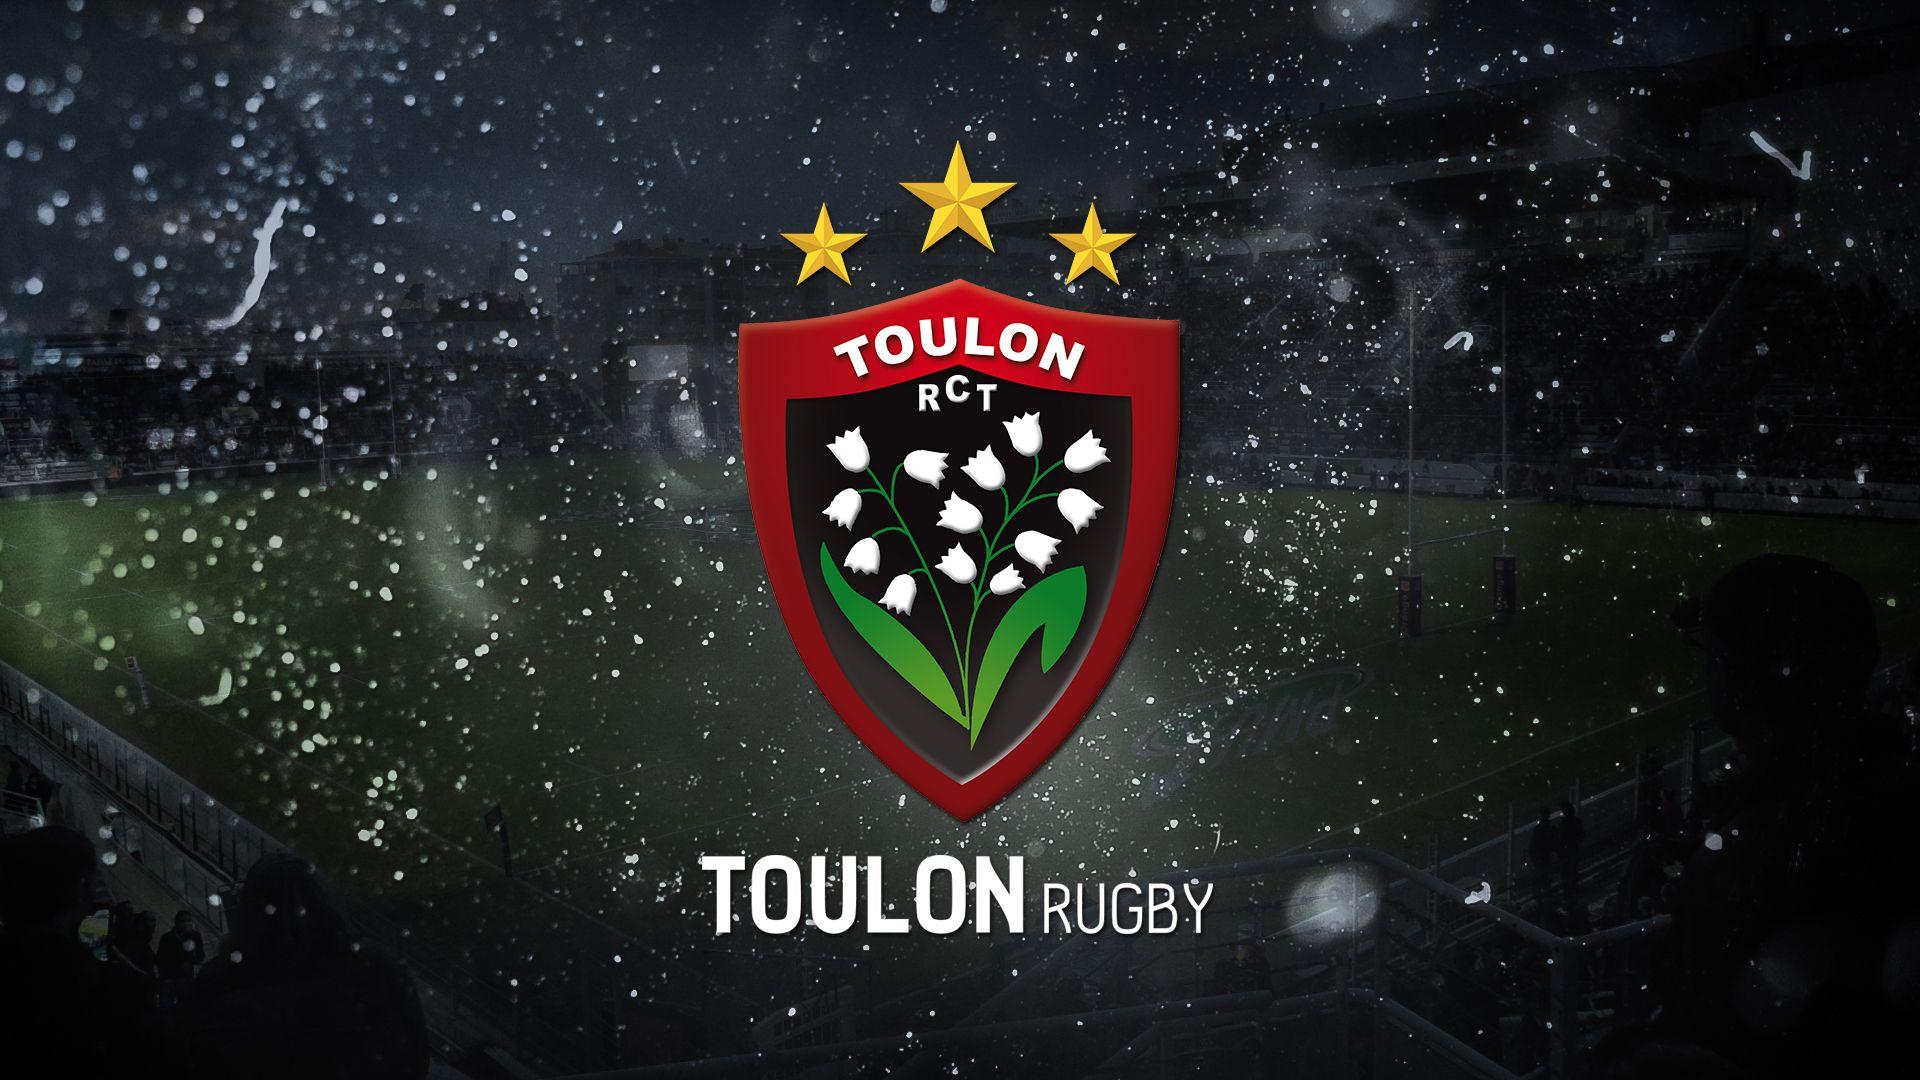 Medias Rct Rugby Club Toulonnais Sport Team Logos Rugby Club Team Logo